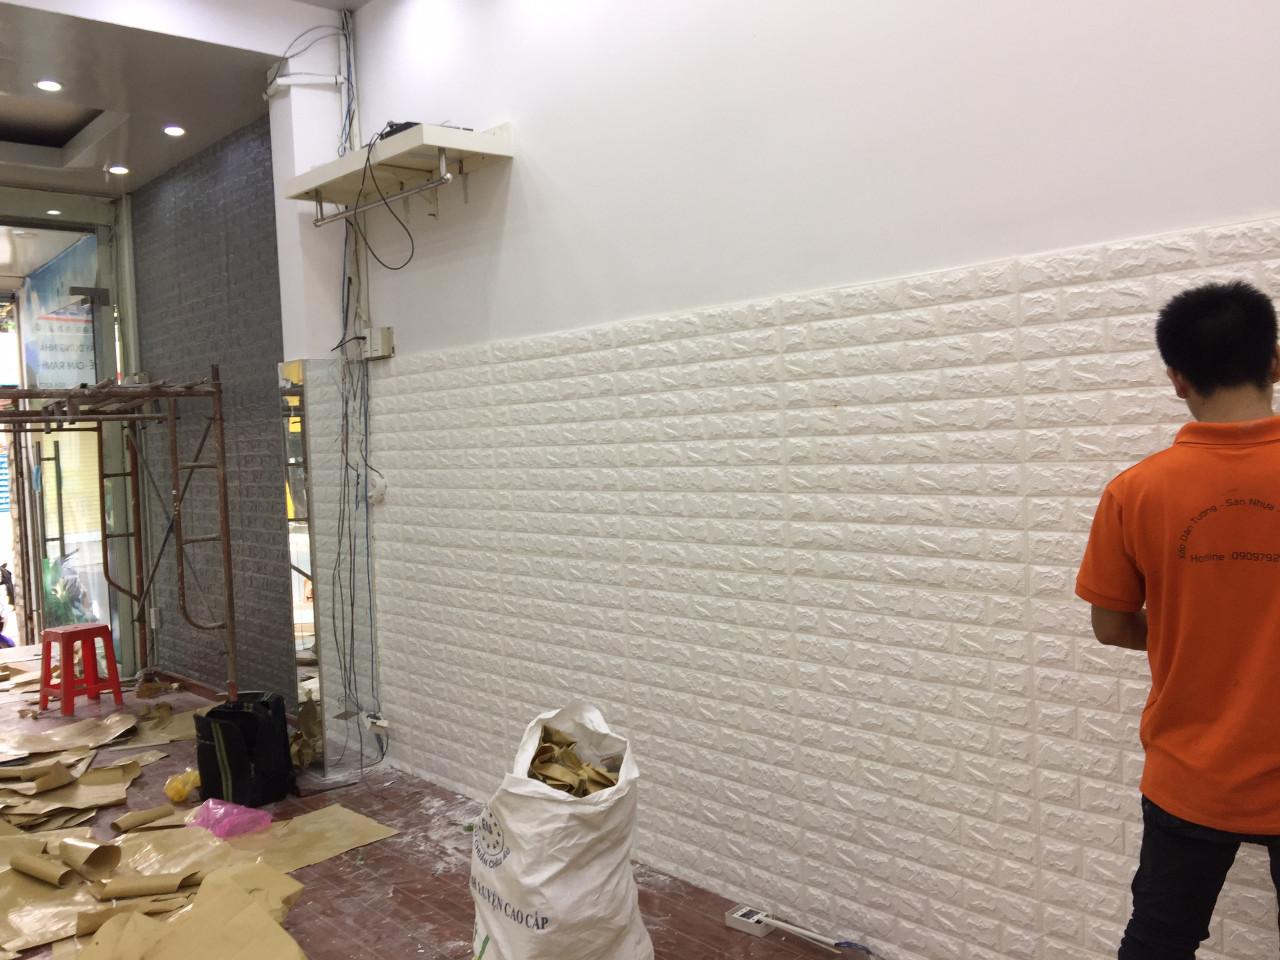 miếng dán tường 3g giả gạch